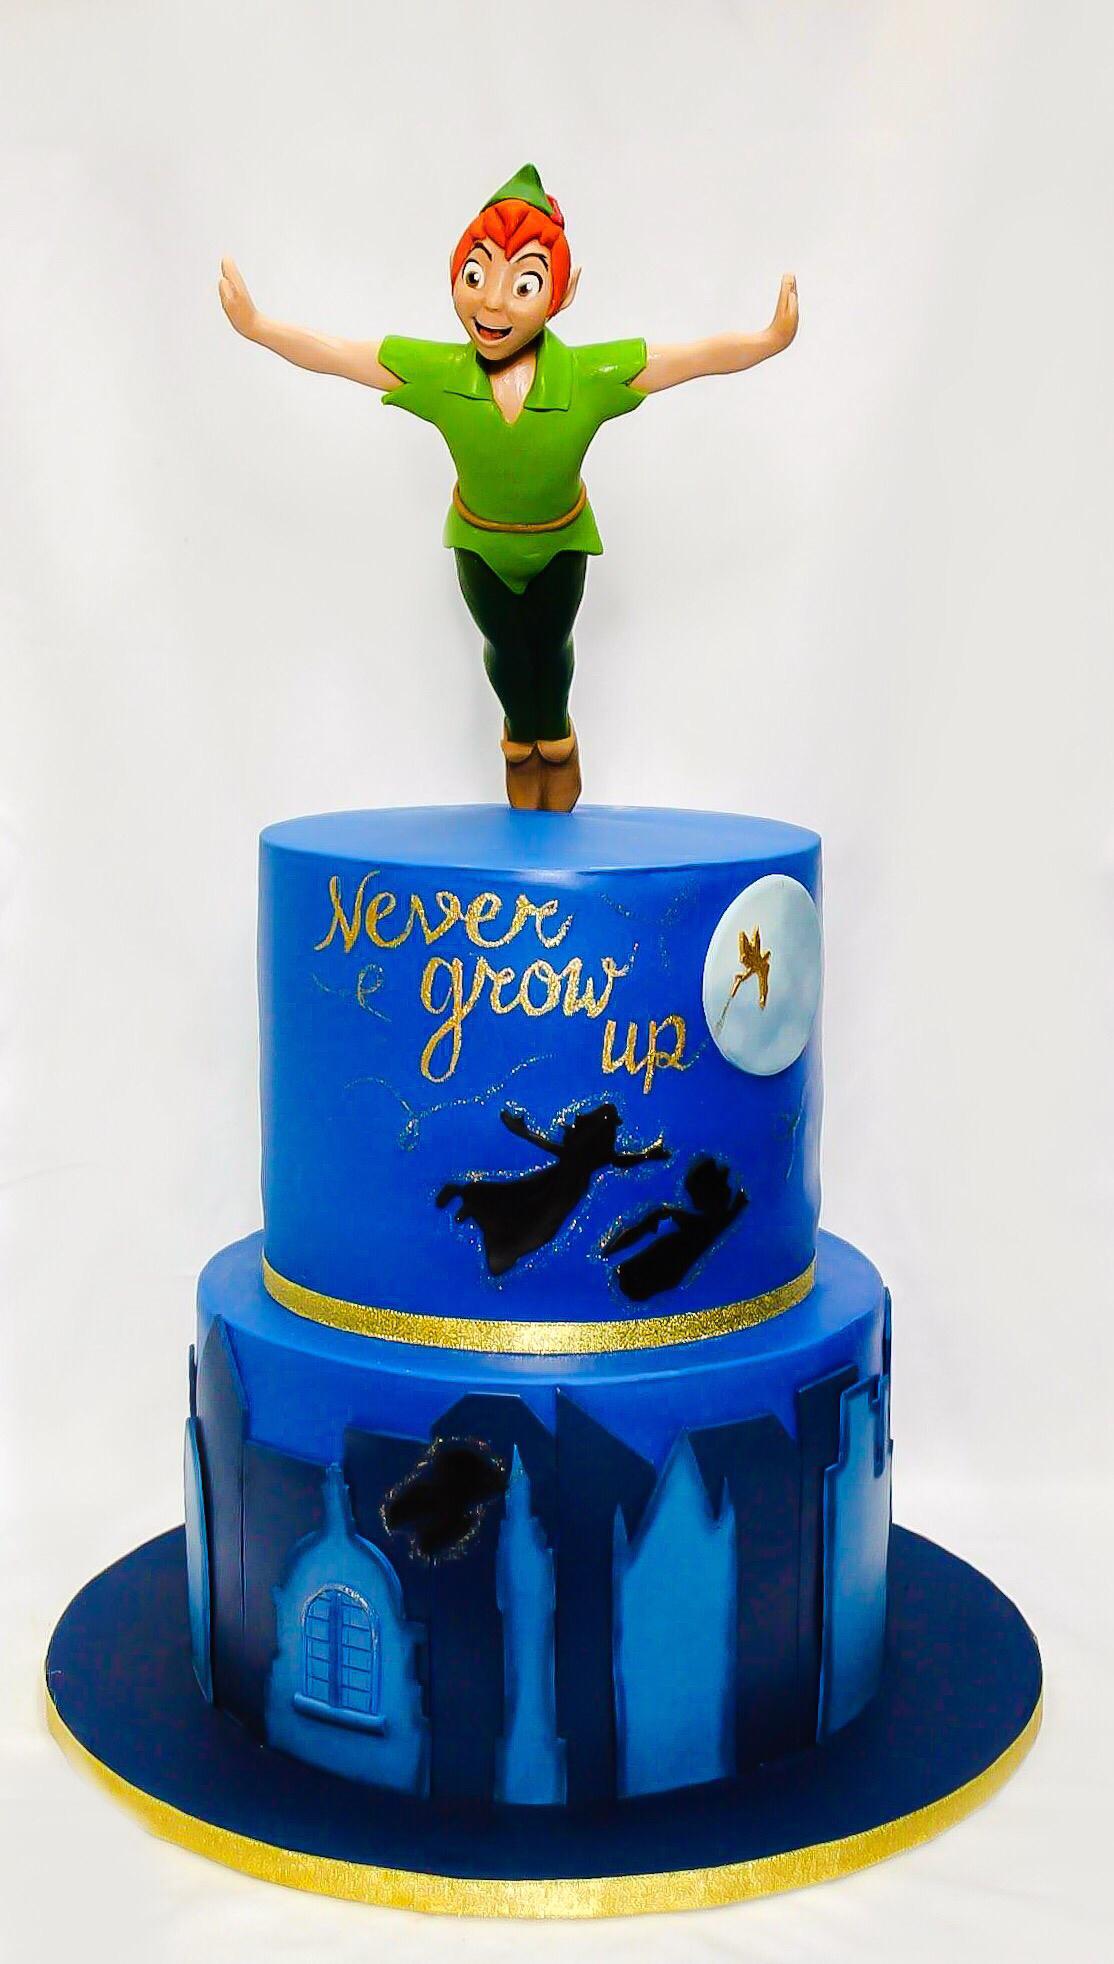 Peter Pan Neverland Cake